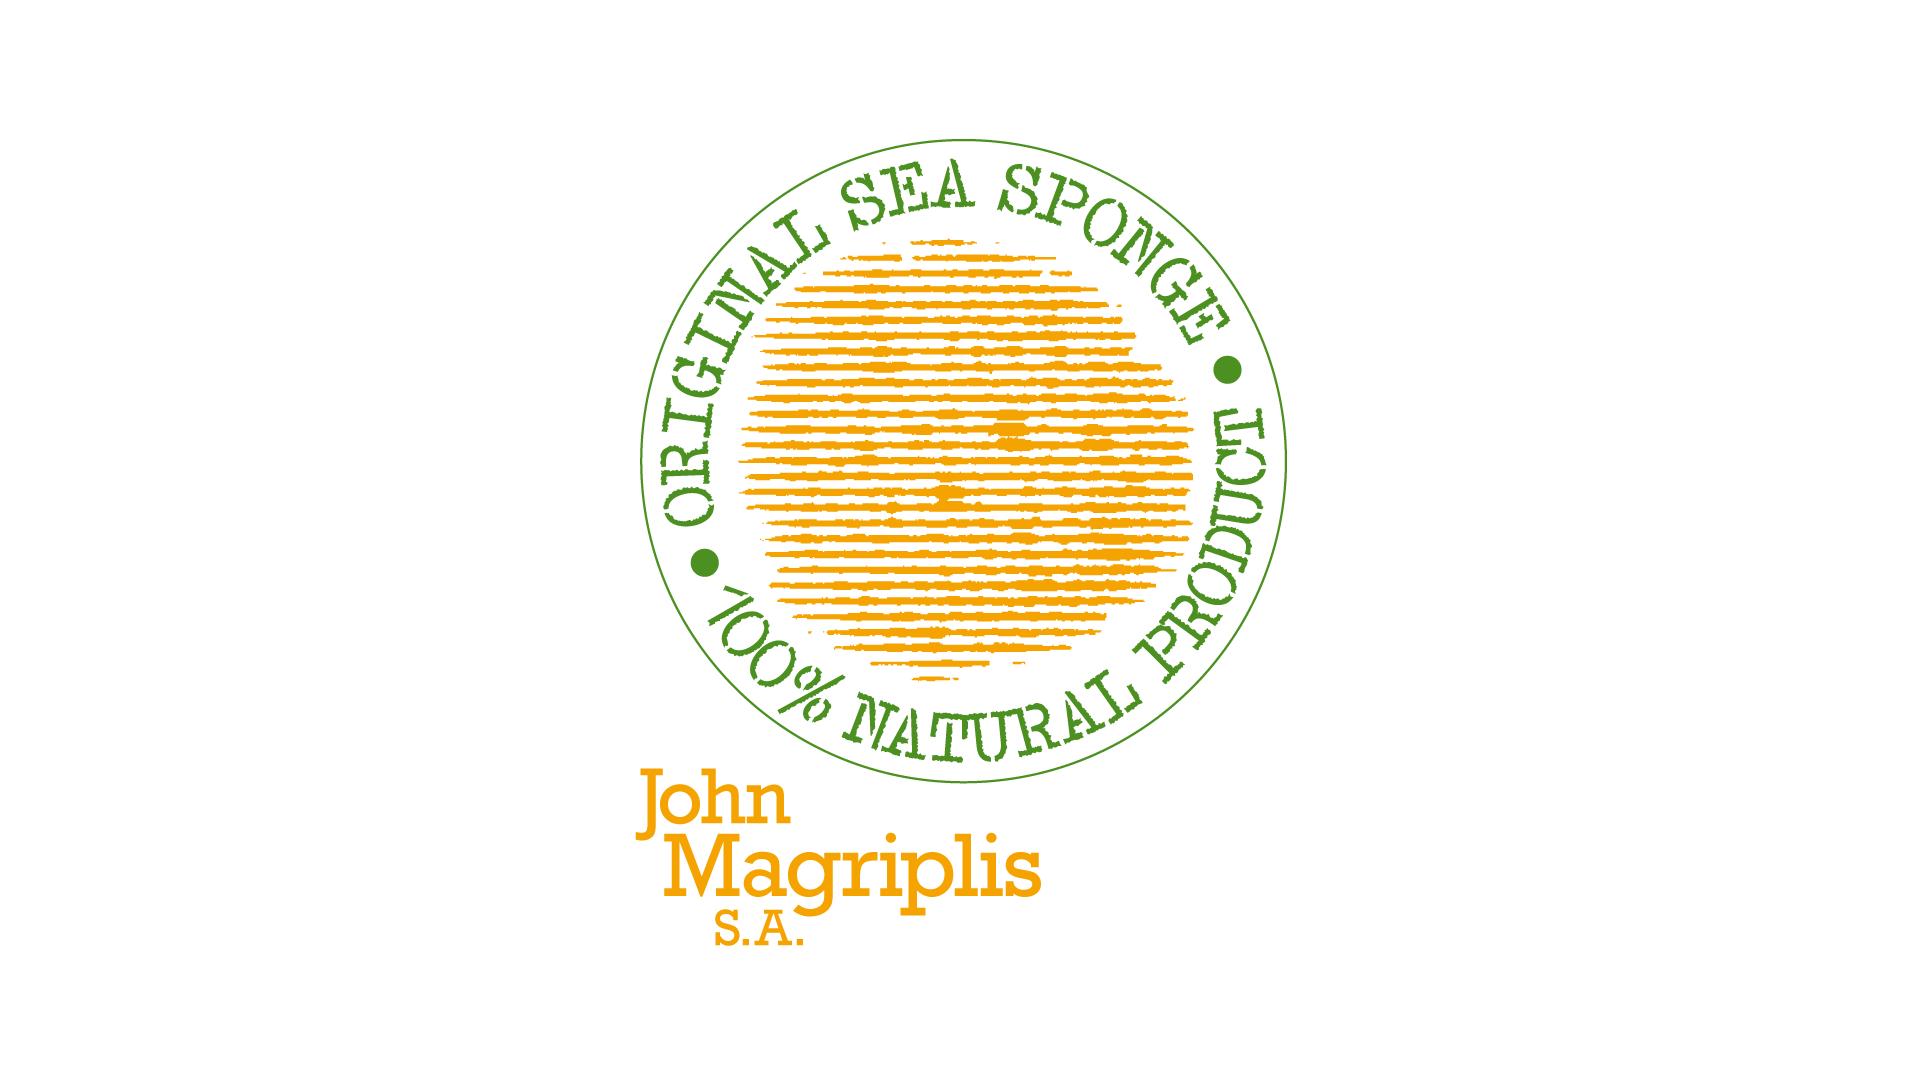 Logo für die Firma John Magriplis S.A., Griechenland